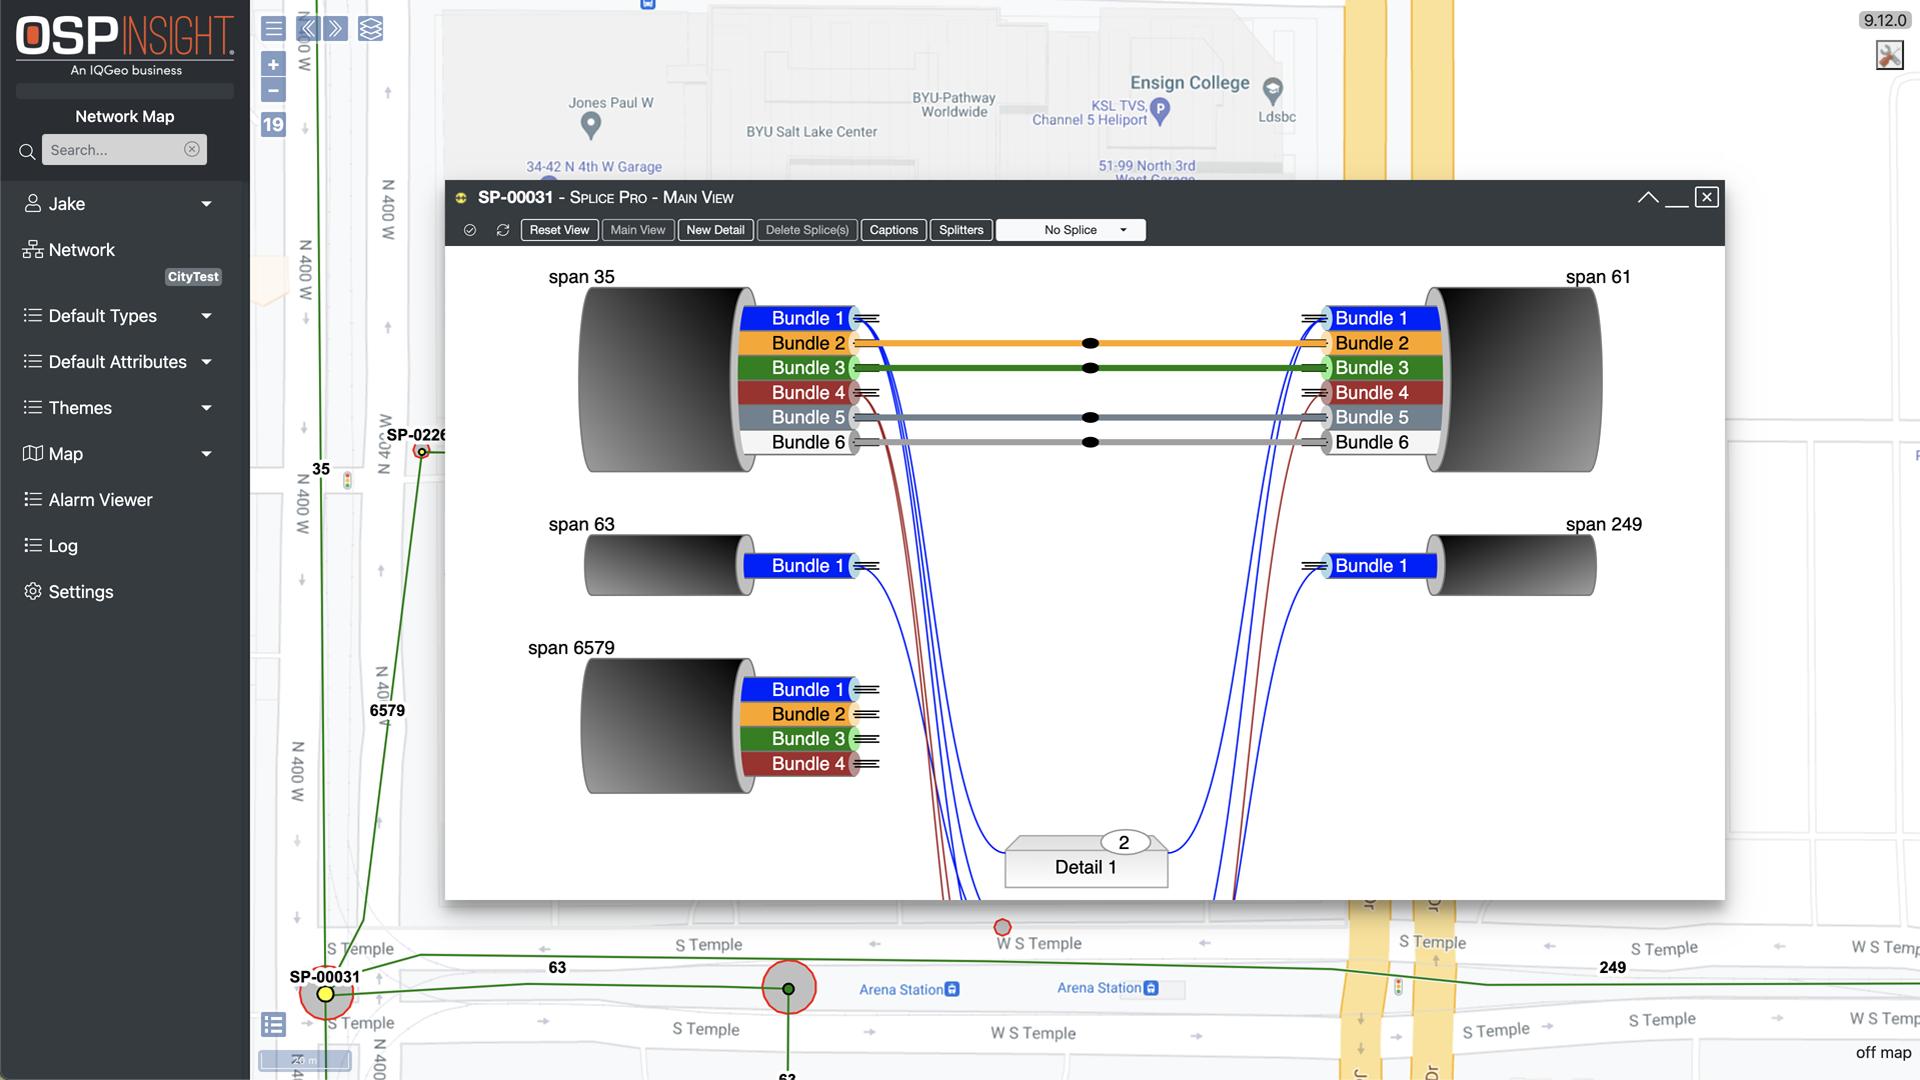 OSPInsight Web - Splice Pro (Full)